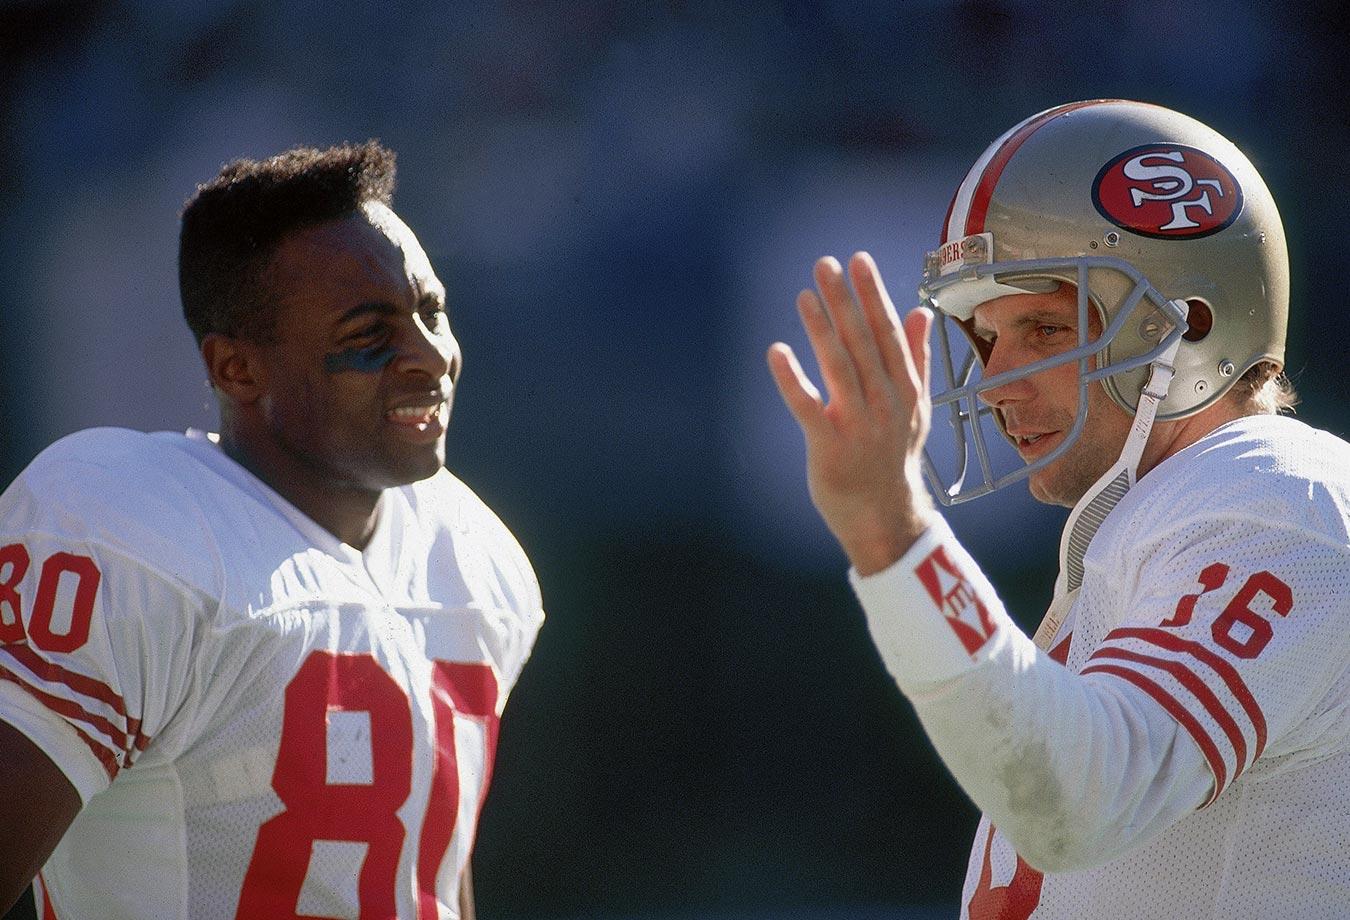 Dec. 9, 1990 — San Francisco 49ers vs. Cincinnati Bengals